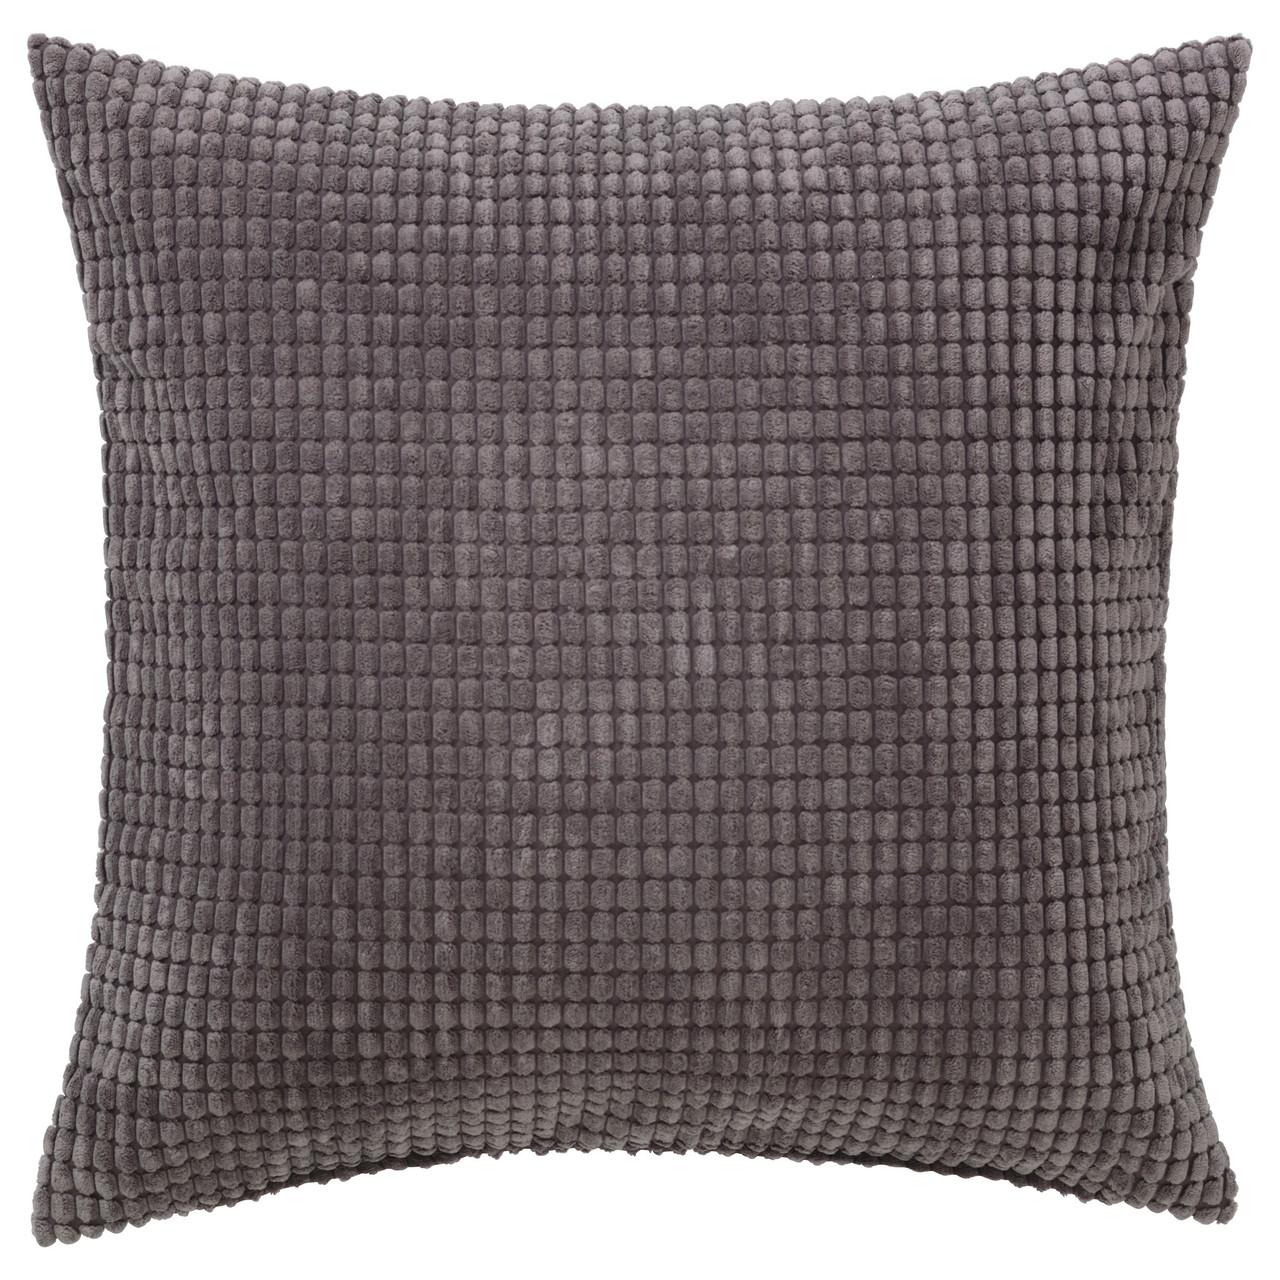 GULLKLOCKA Чехол на подушку, серый 602.917.51